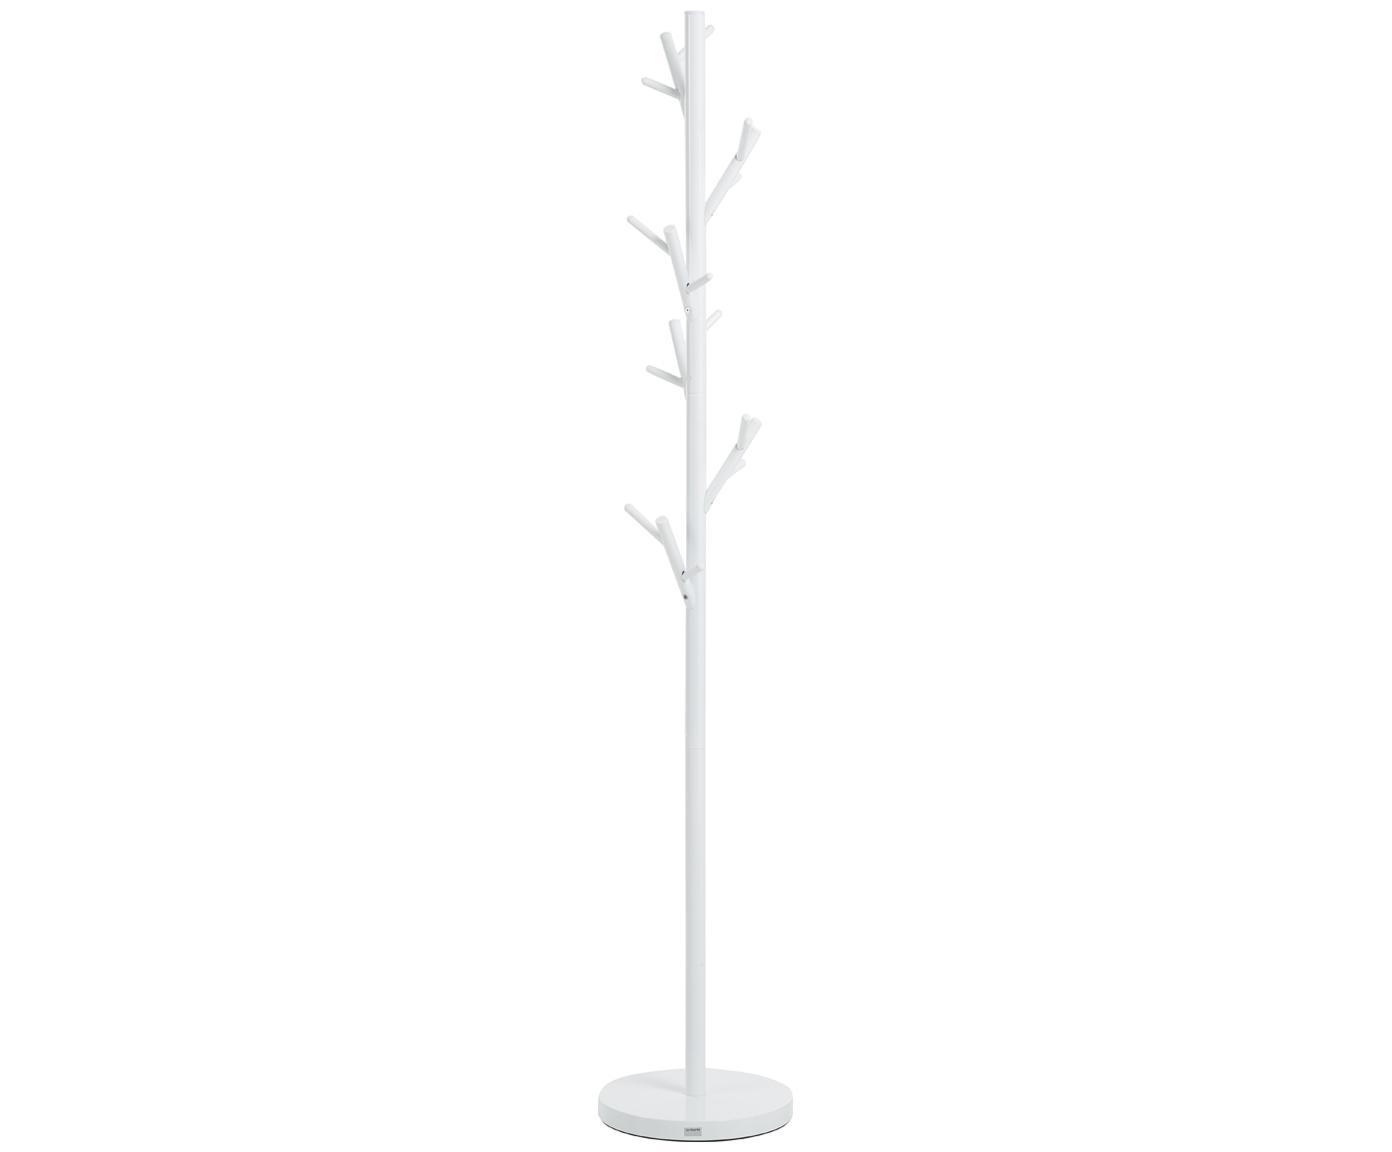 Kleiderständer Tree mit 18 Haken, Stahlrohr, pulverbeschichtet, Weiss, Ø 28 x H 170 cm